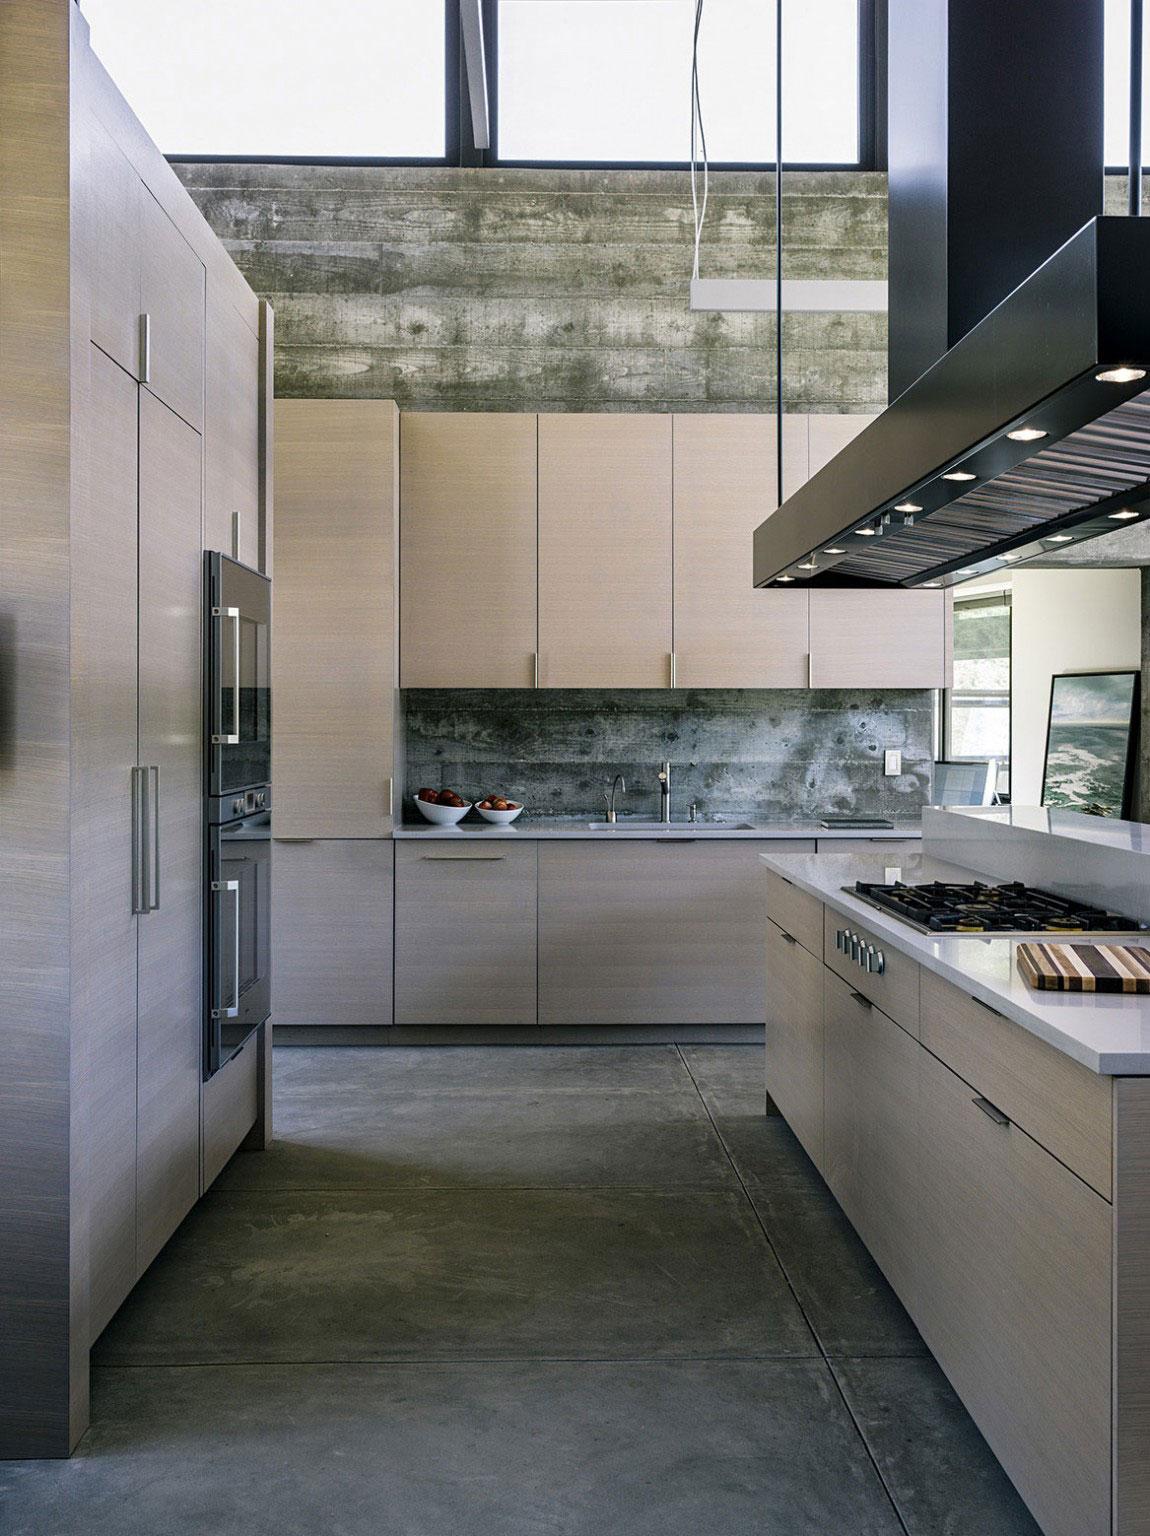 Skapa-ett-kök-modern-inredning-design-6 Skapa ett kök Modern inredning för ett modernt hus